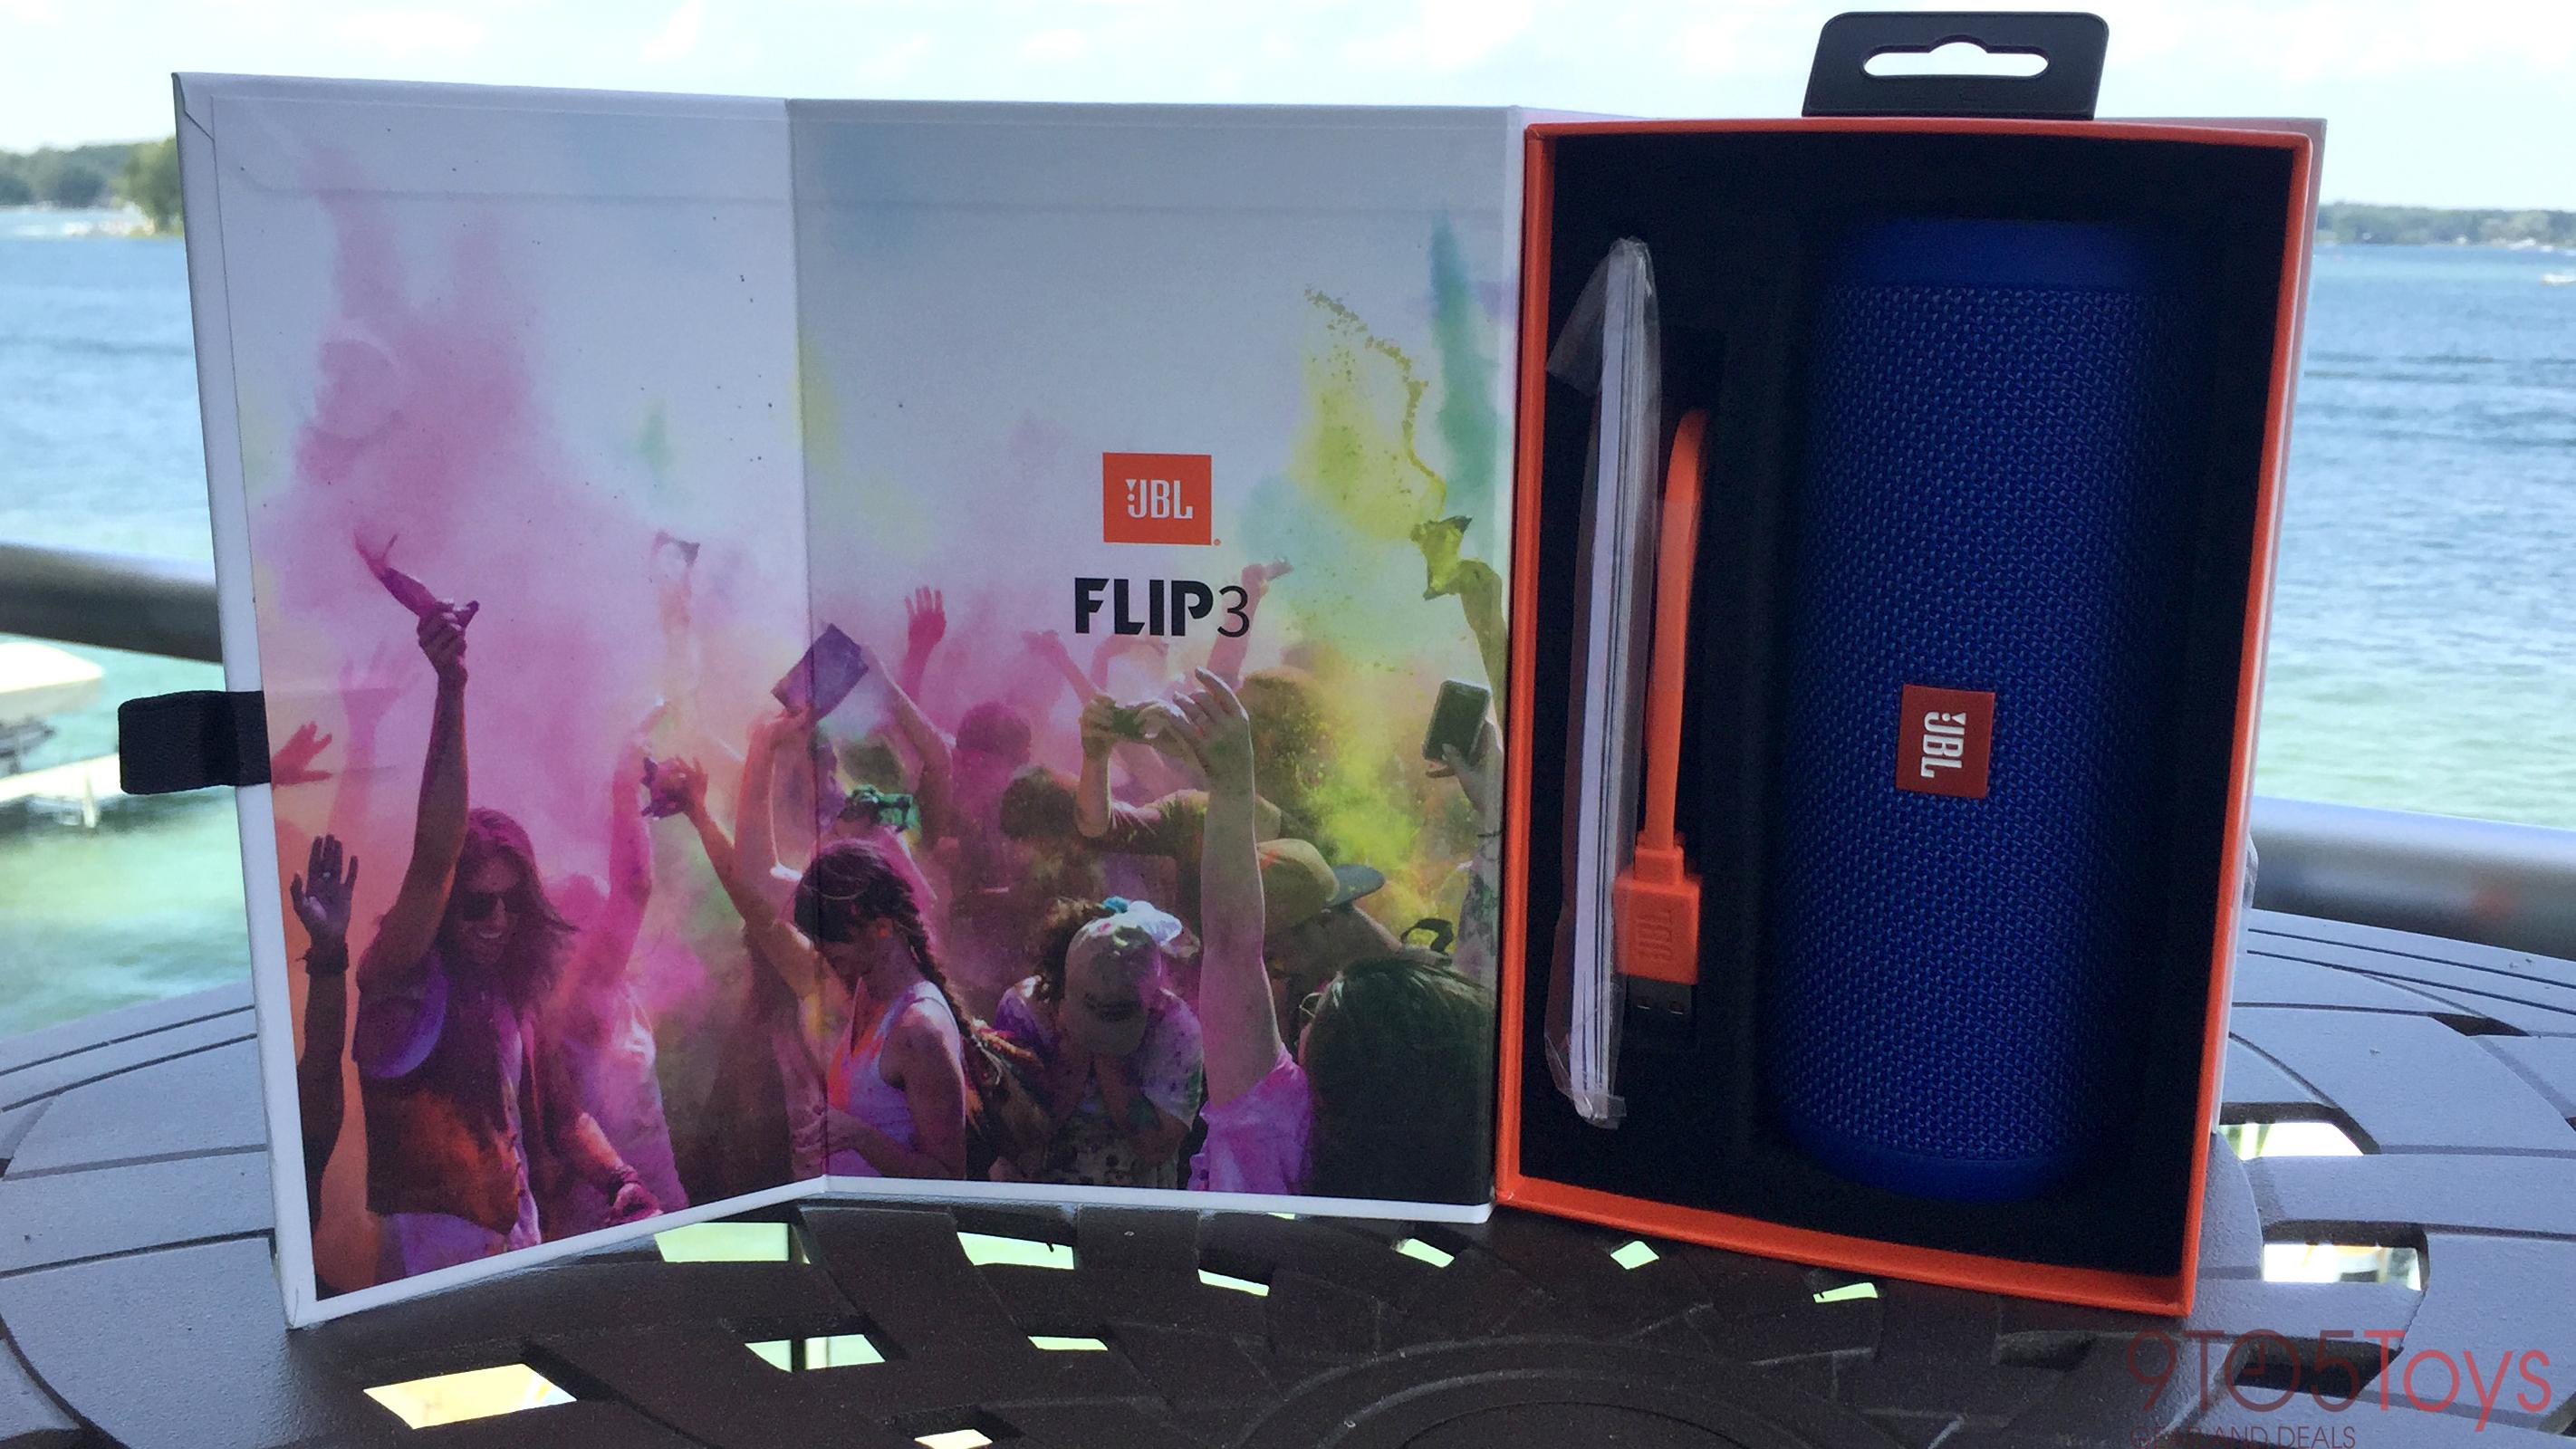 jbl-flip-3-packaging-9to5toys